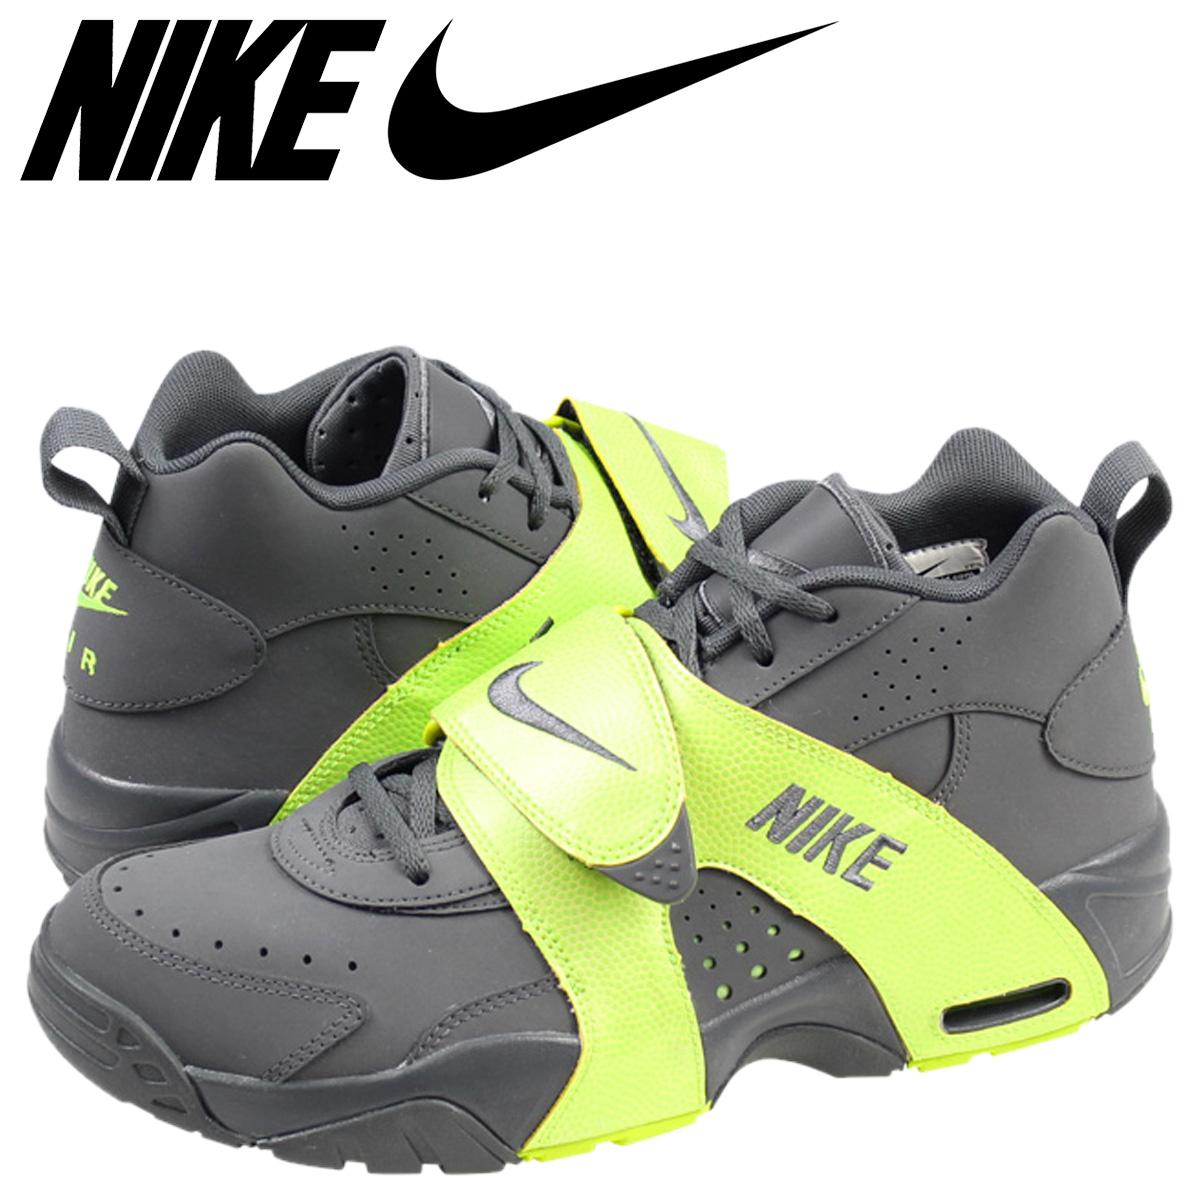 8524c44a269a Nike AIR VEER NIKE sneakers air Veer leather mens 599442-001 DARK GREY VOLT  dark grey  1 16 new in stock   regular